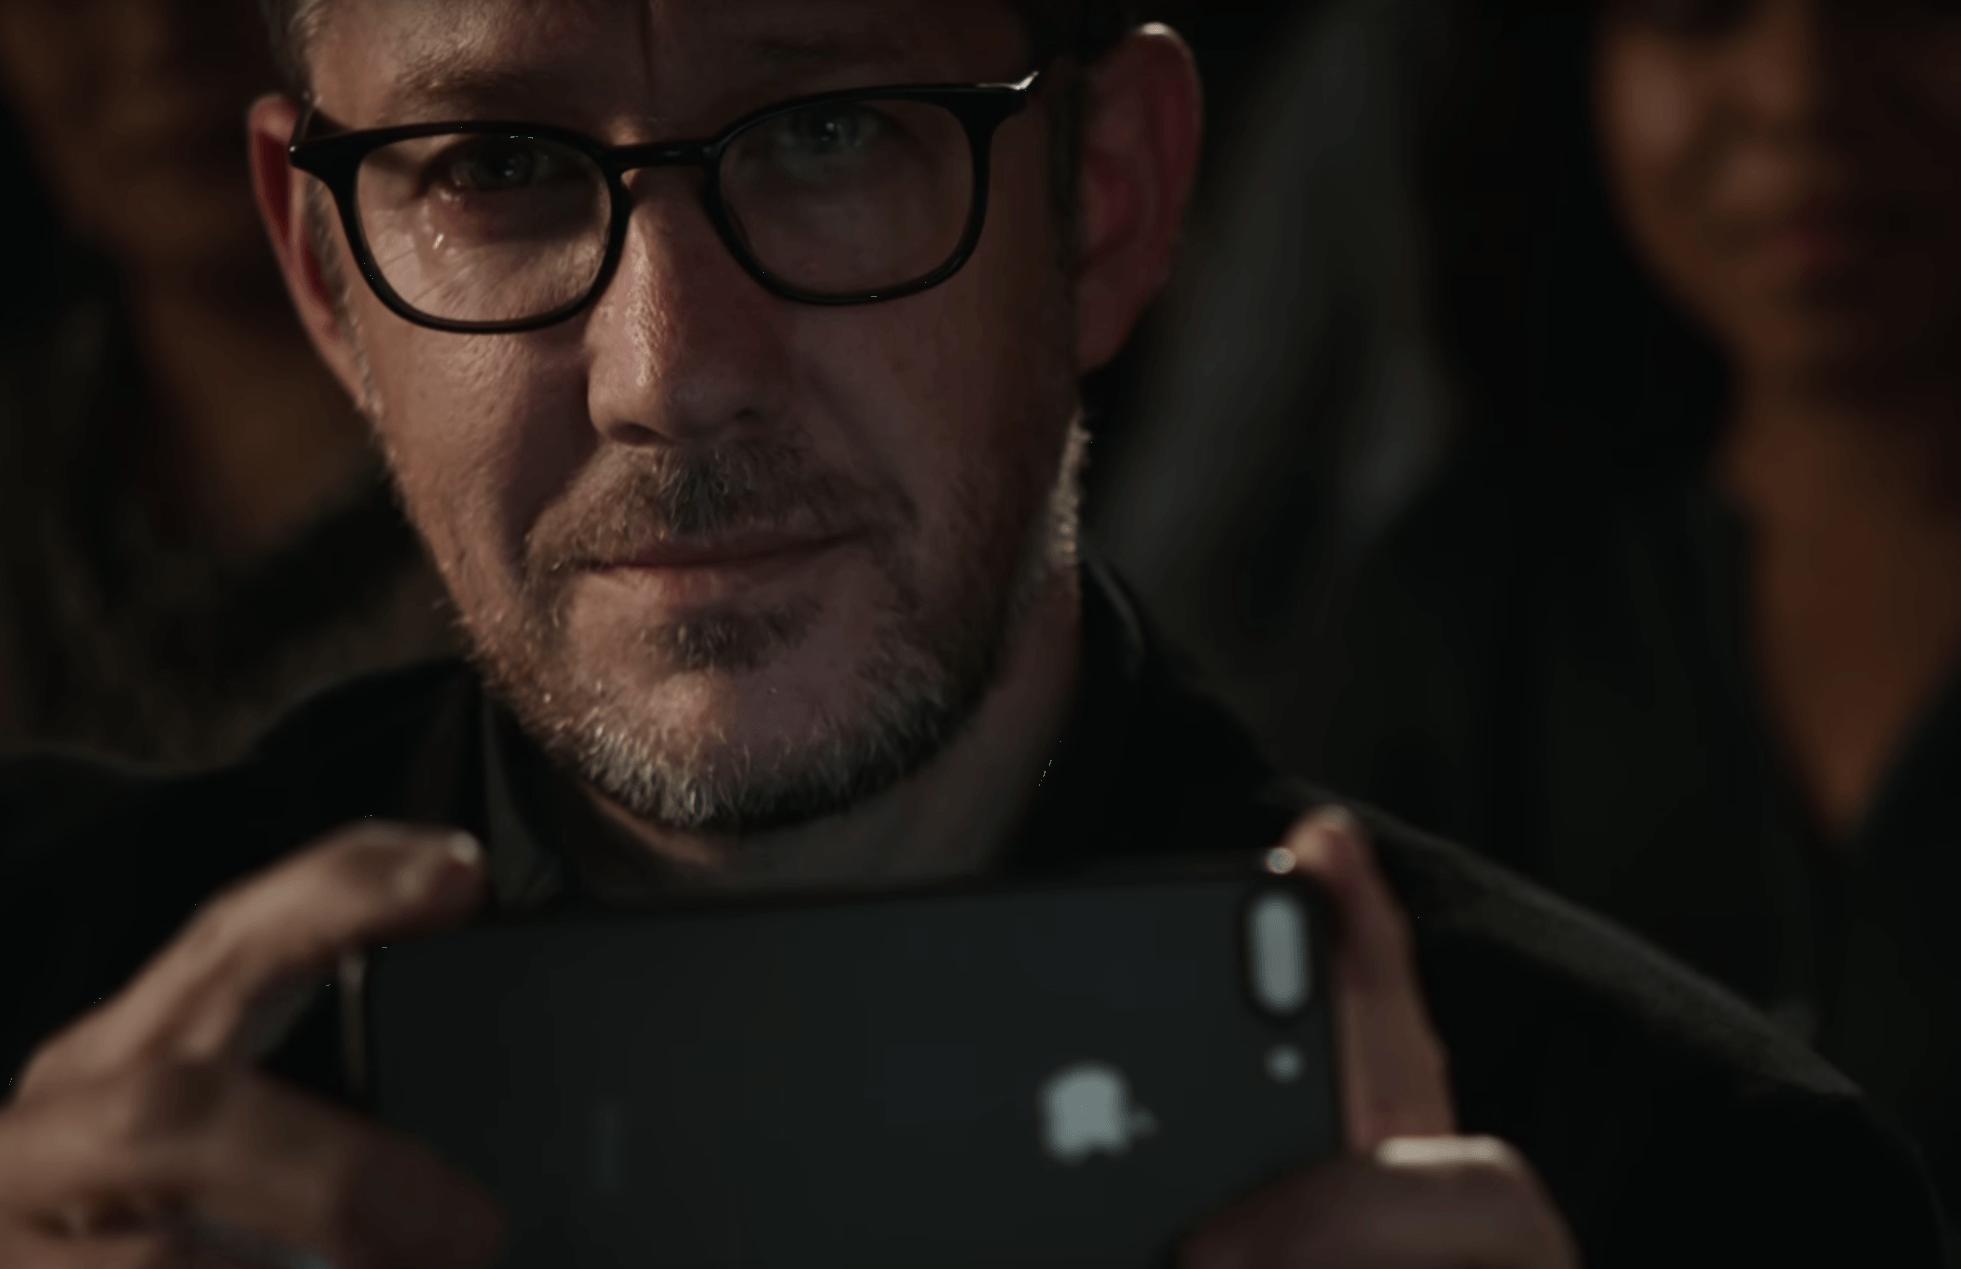 Si l'iPhone 7 peut être comparé à une caméra d'Hollywood, c'est également le cas de nombreux Android